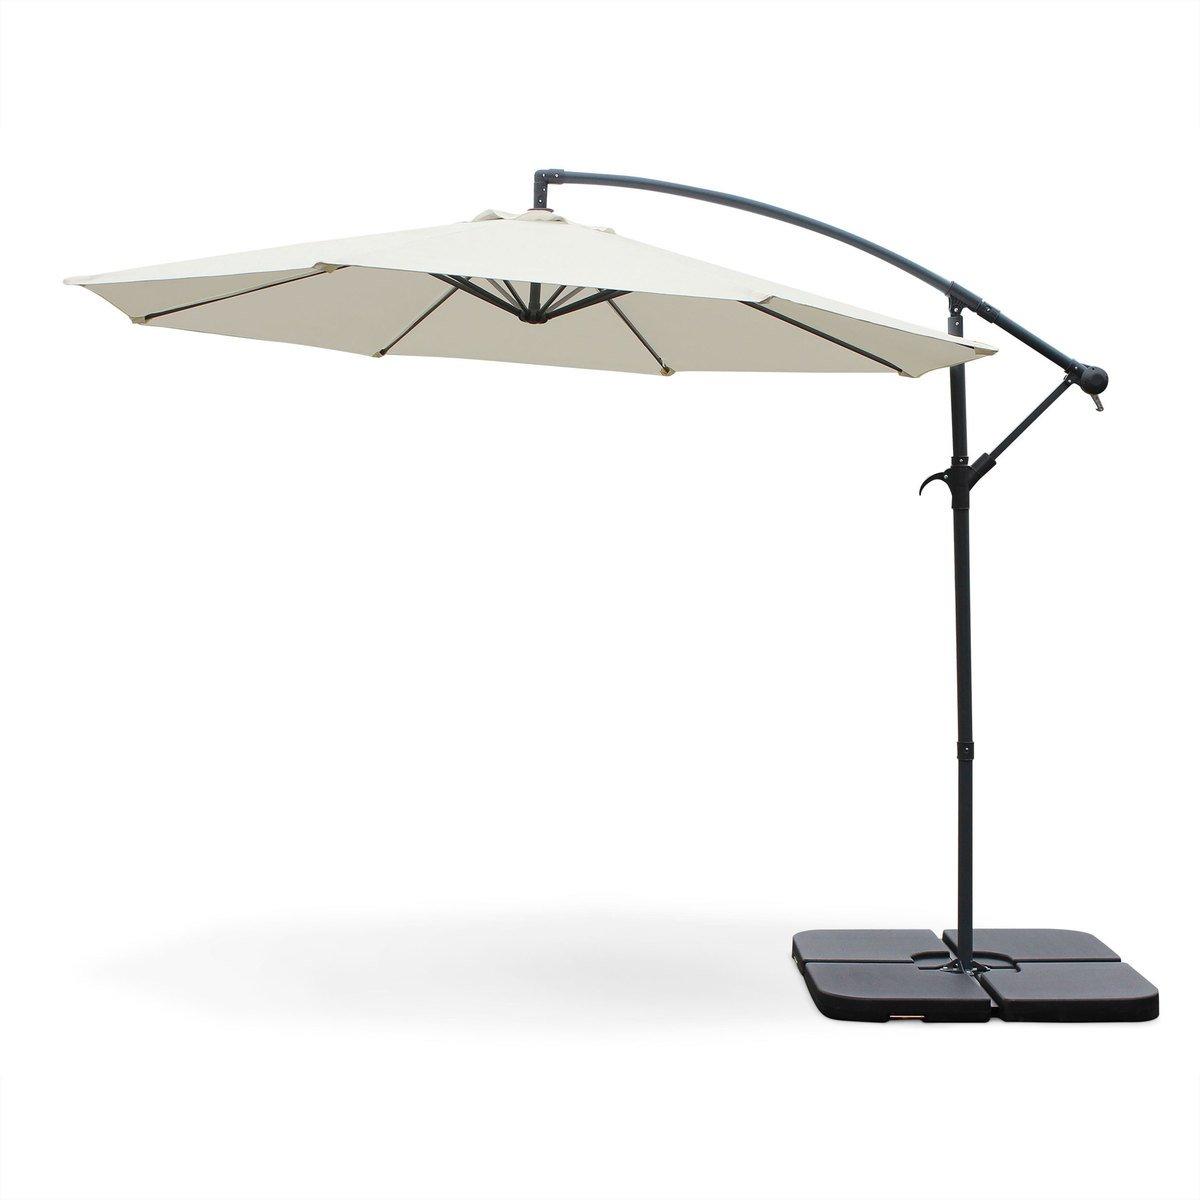 parasol d porte pas cher tout savoir sur les parasols d port s parasol d port. Black Bedroom Furniture Sets. Home Design Ideas